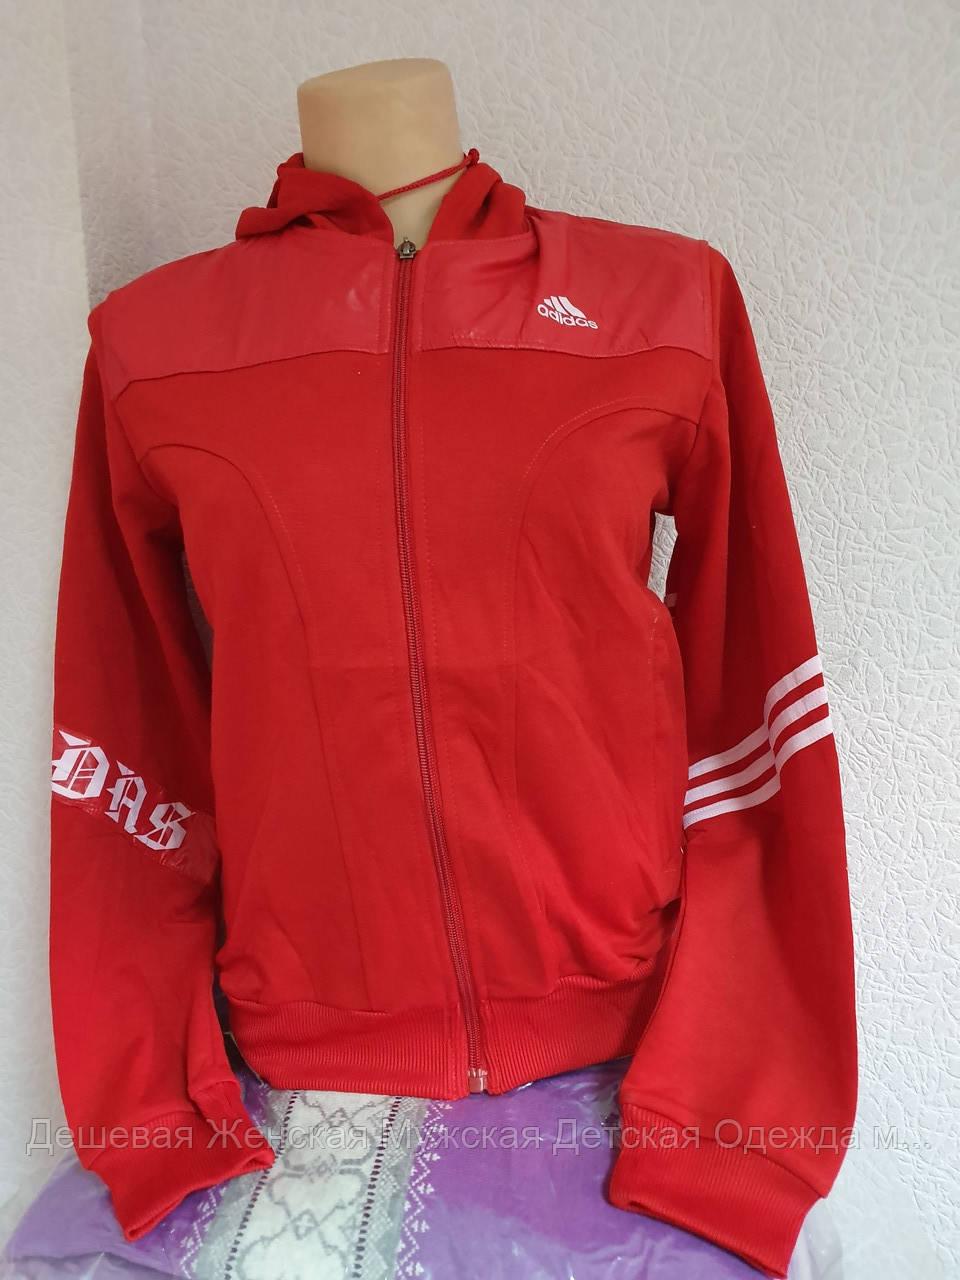 Женская мастерка Adidas